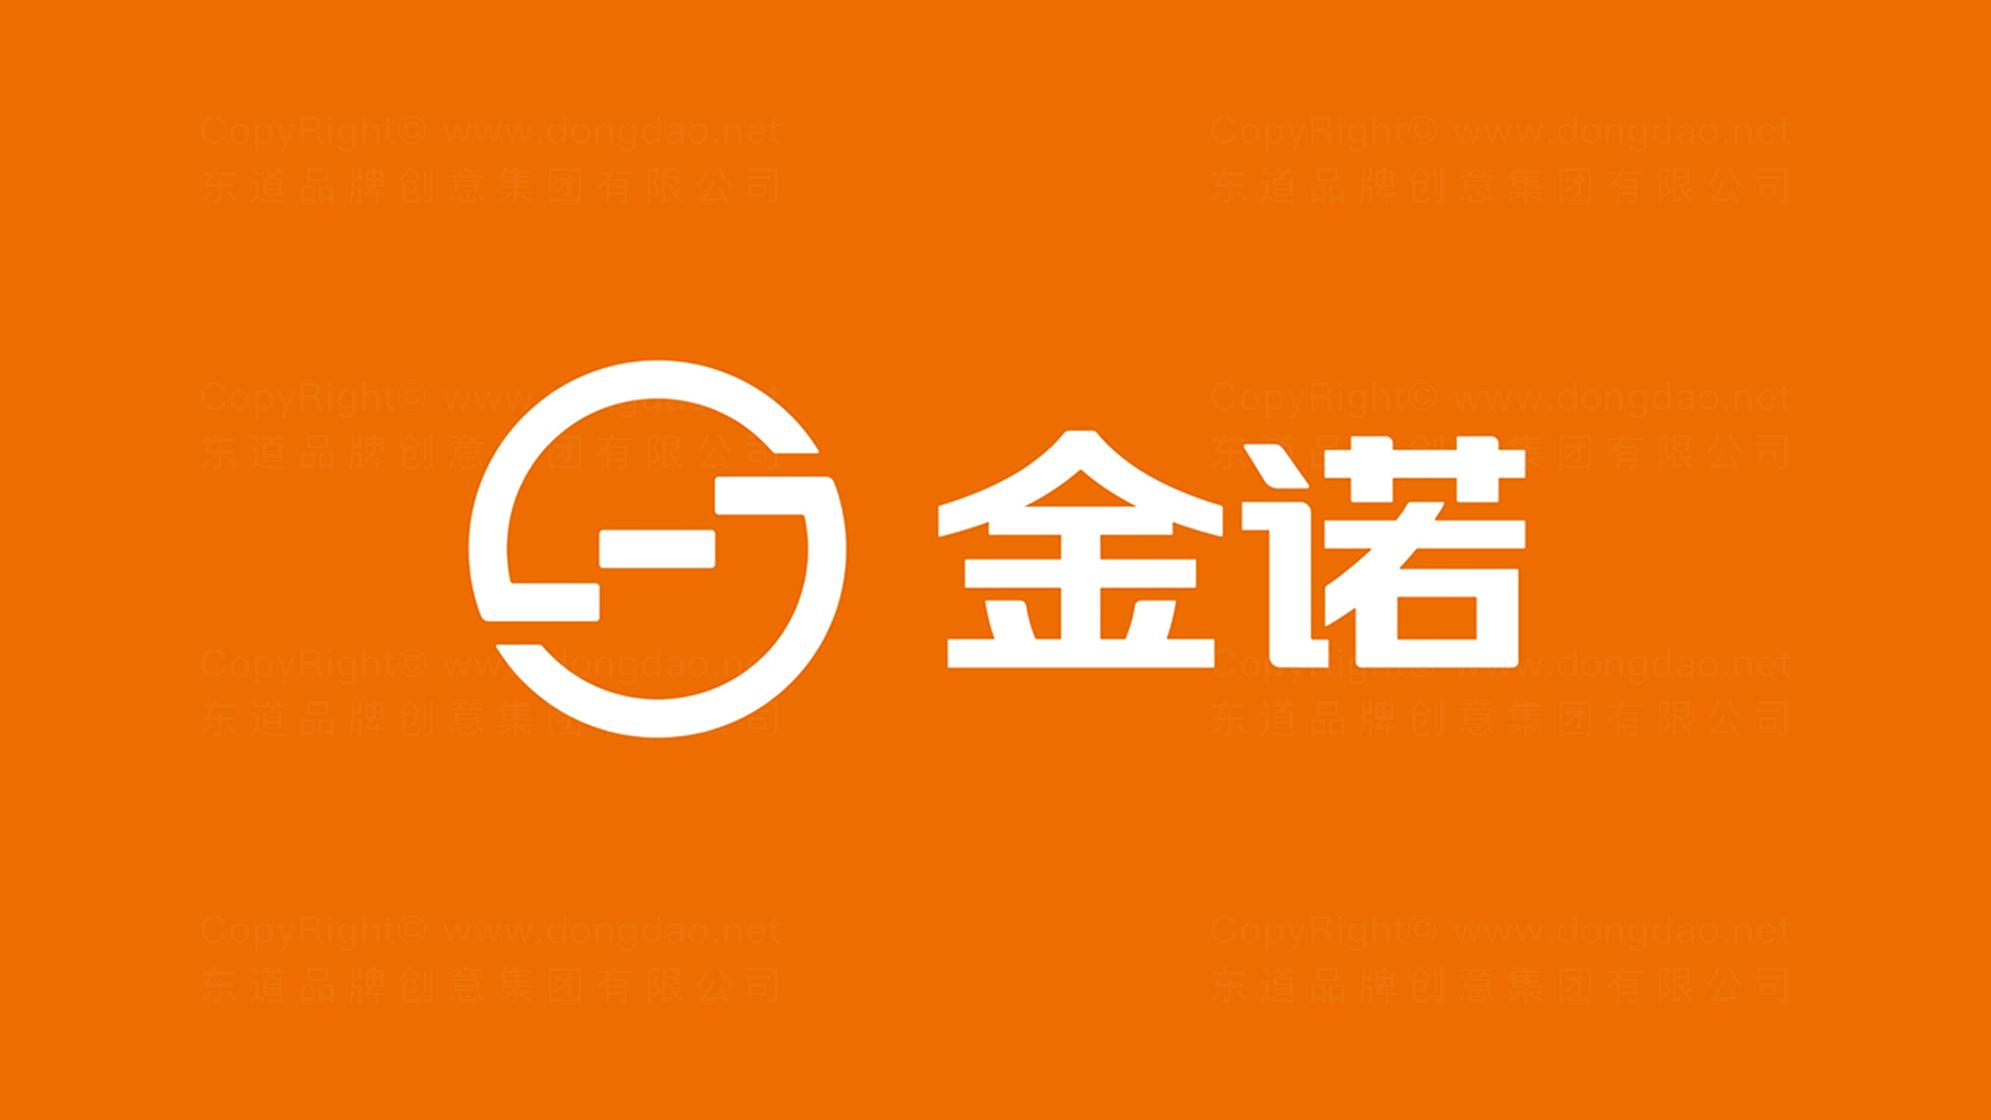 教育科研品牌设计金诺标志设计